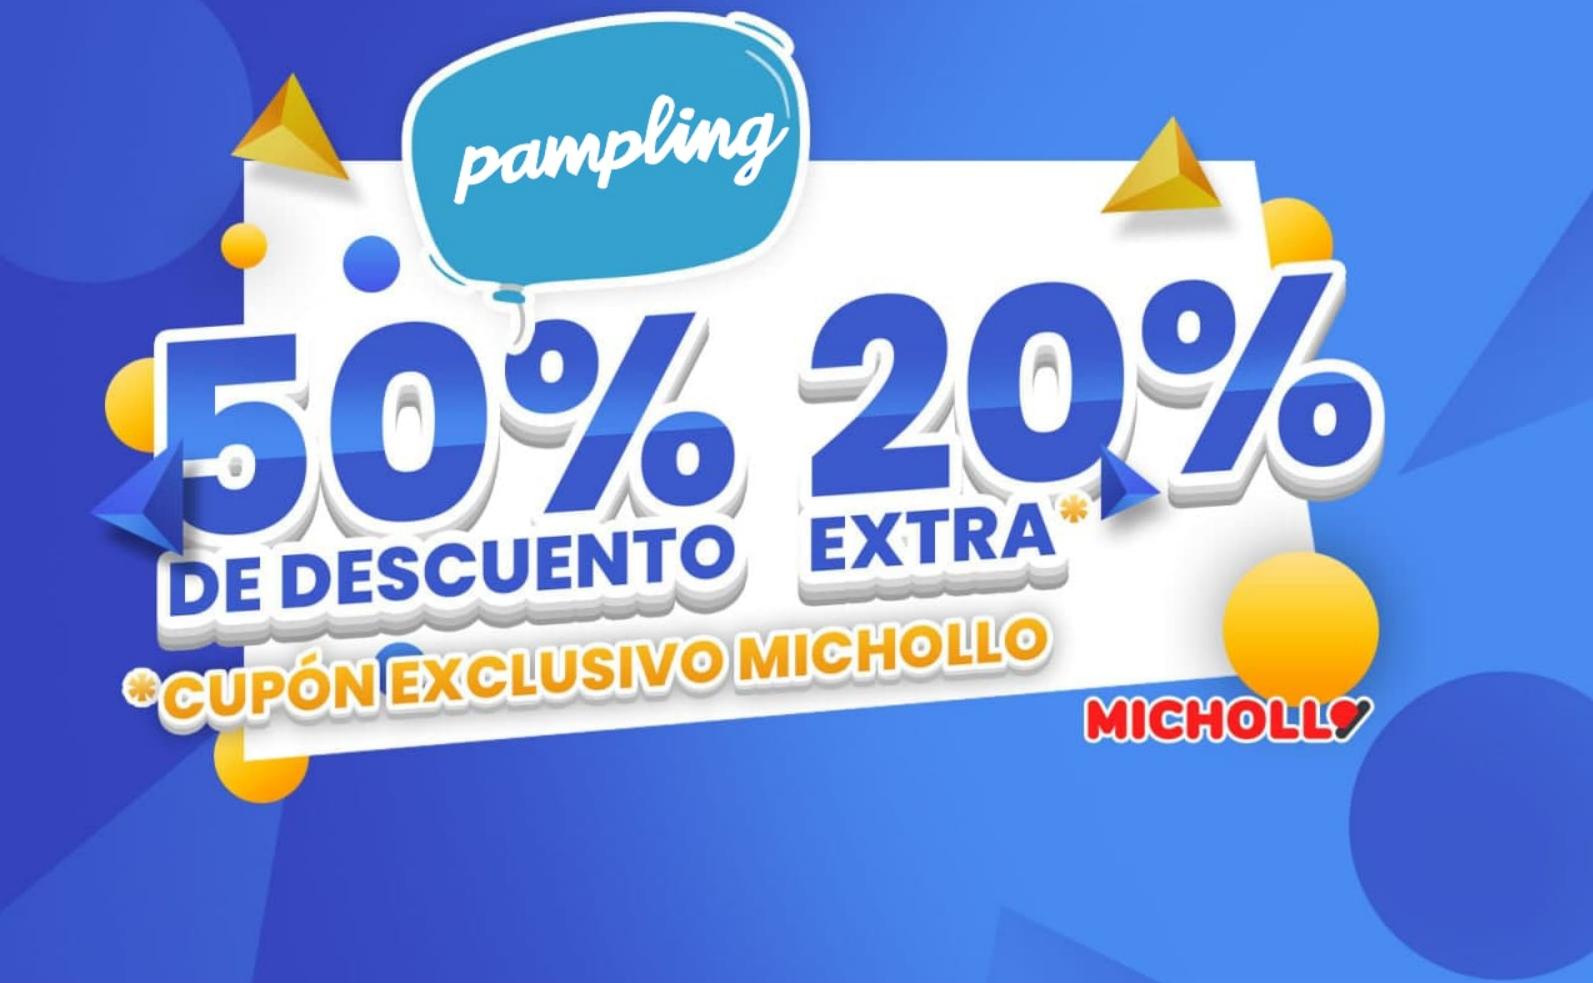 Descuento de 50% + 20% EXTRA en camisetas Pampling